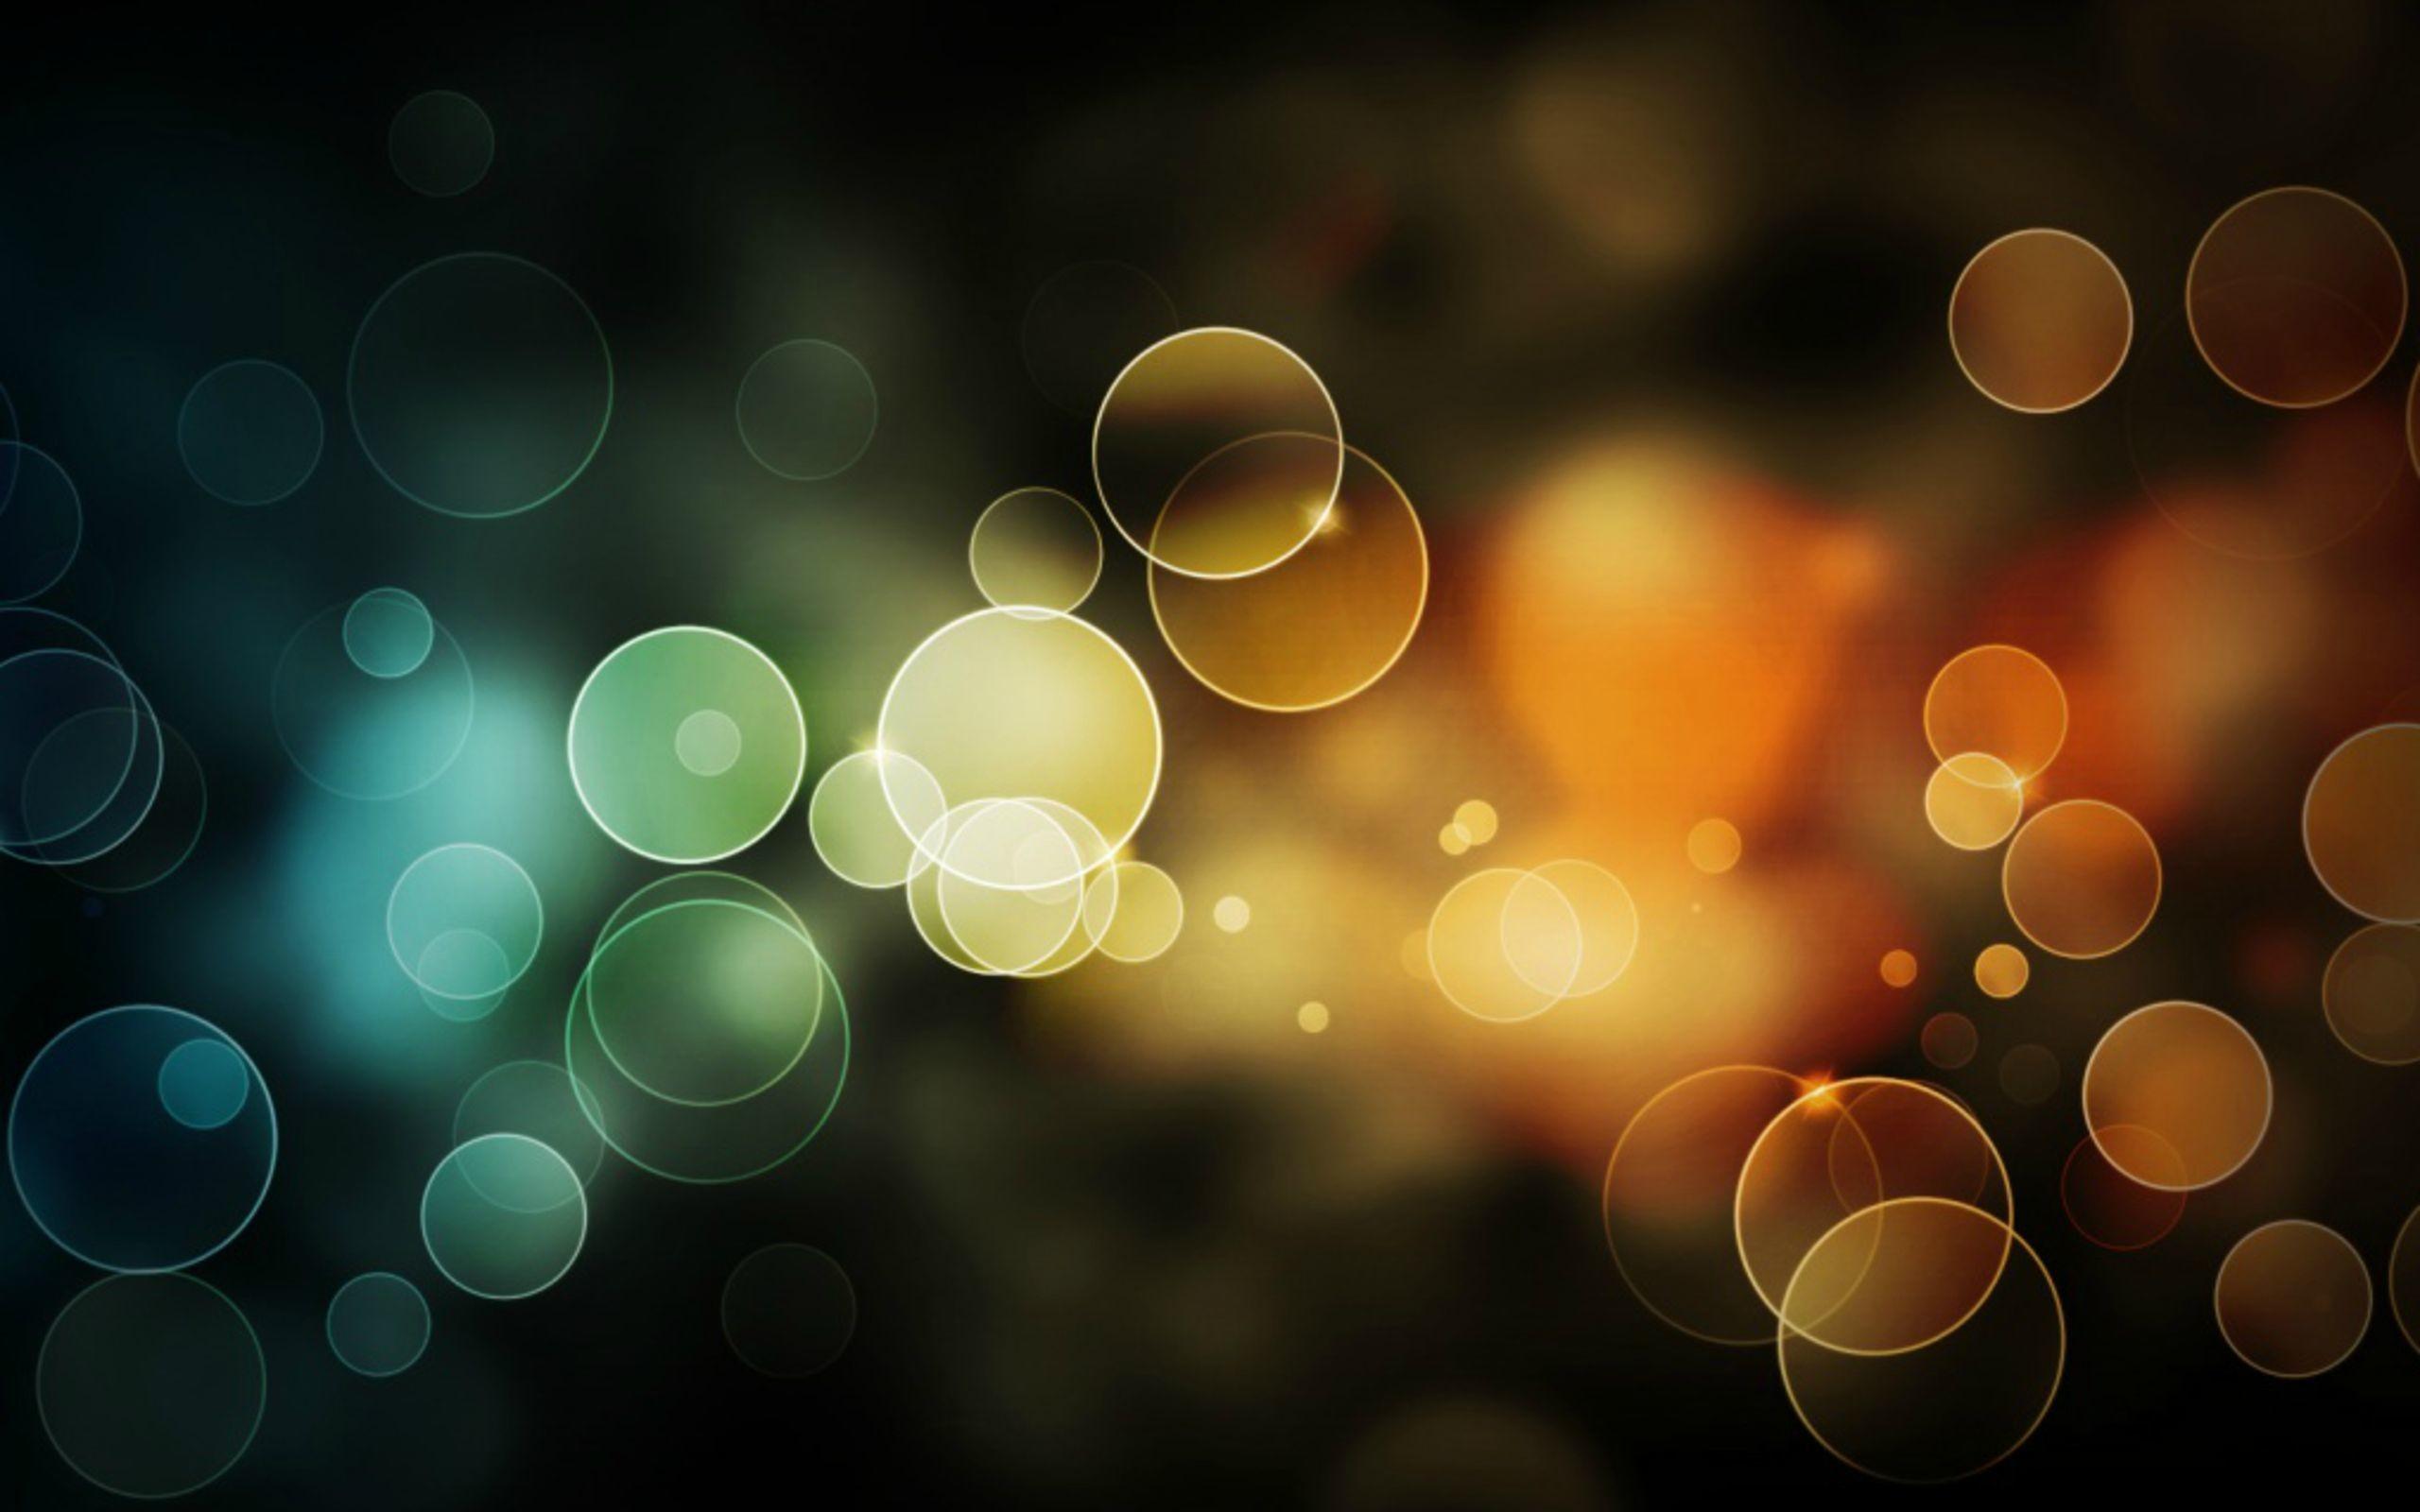 25+ best Wallpaper for macbook air ideas on Pinterest | Imac wallpaper, Macbook  air wallpaper and Laptop wallpaper